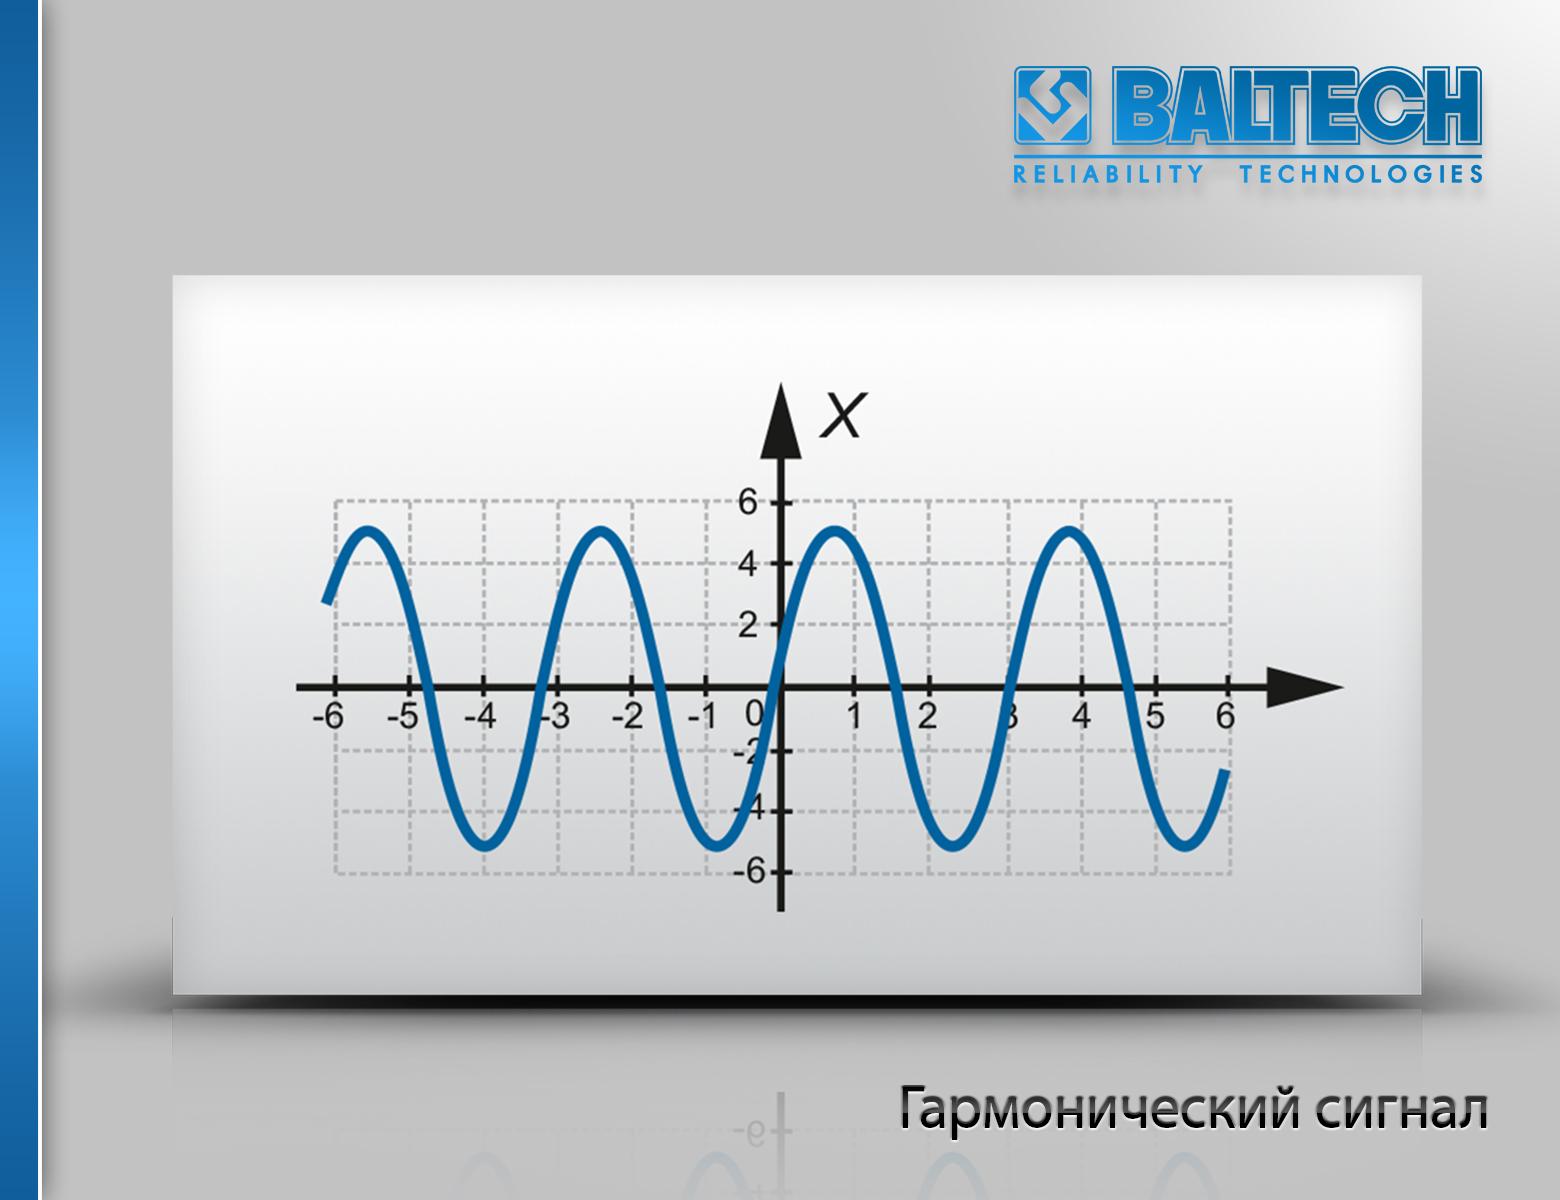 Гармонический сигнал, синусоидальные колебания, анализ вибрации, вибродиагностика